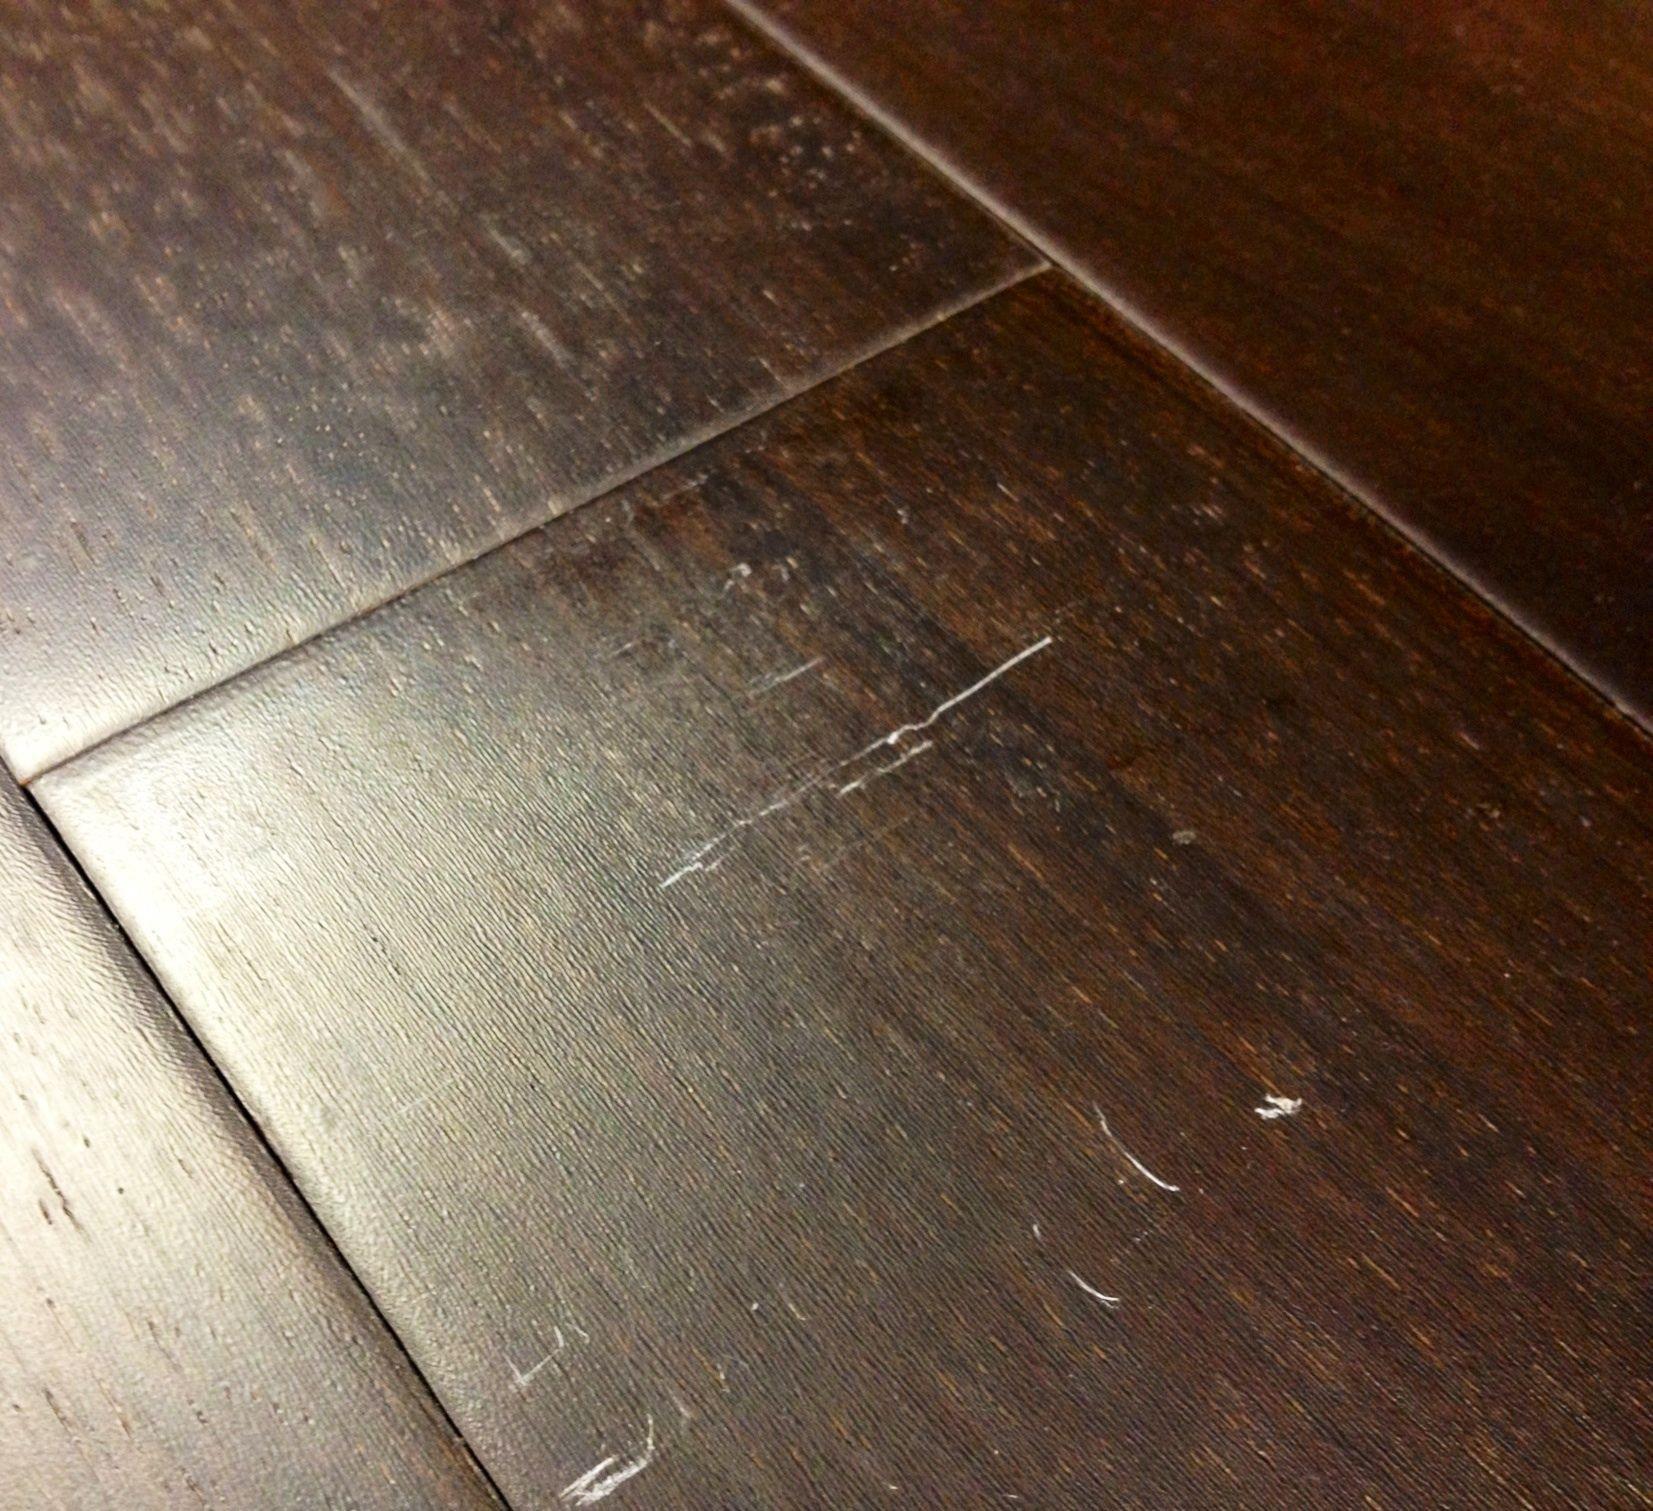 Hardwood Floor Sanding Contractors Of Hardwood Floor Oil Vs Polyurethane Padding Pinterest Regarding Hardwood Floor Oil Vs Polyurethane